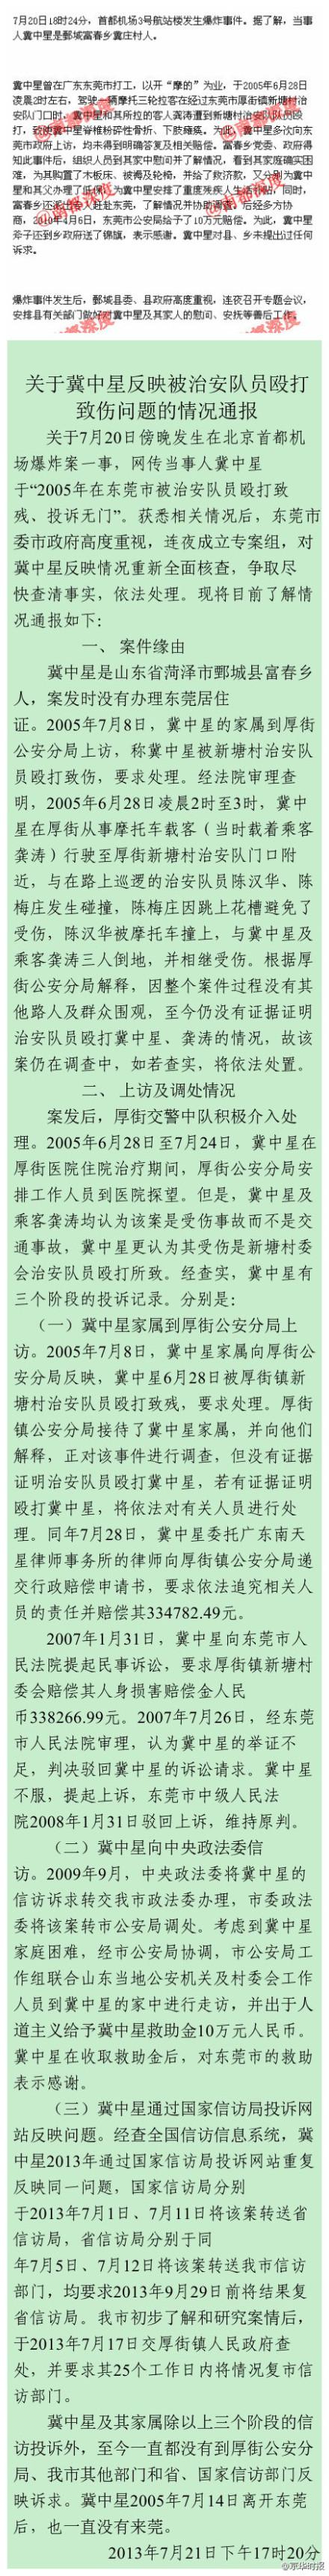 广东东莞与山东鄄城关于冀中星的通报